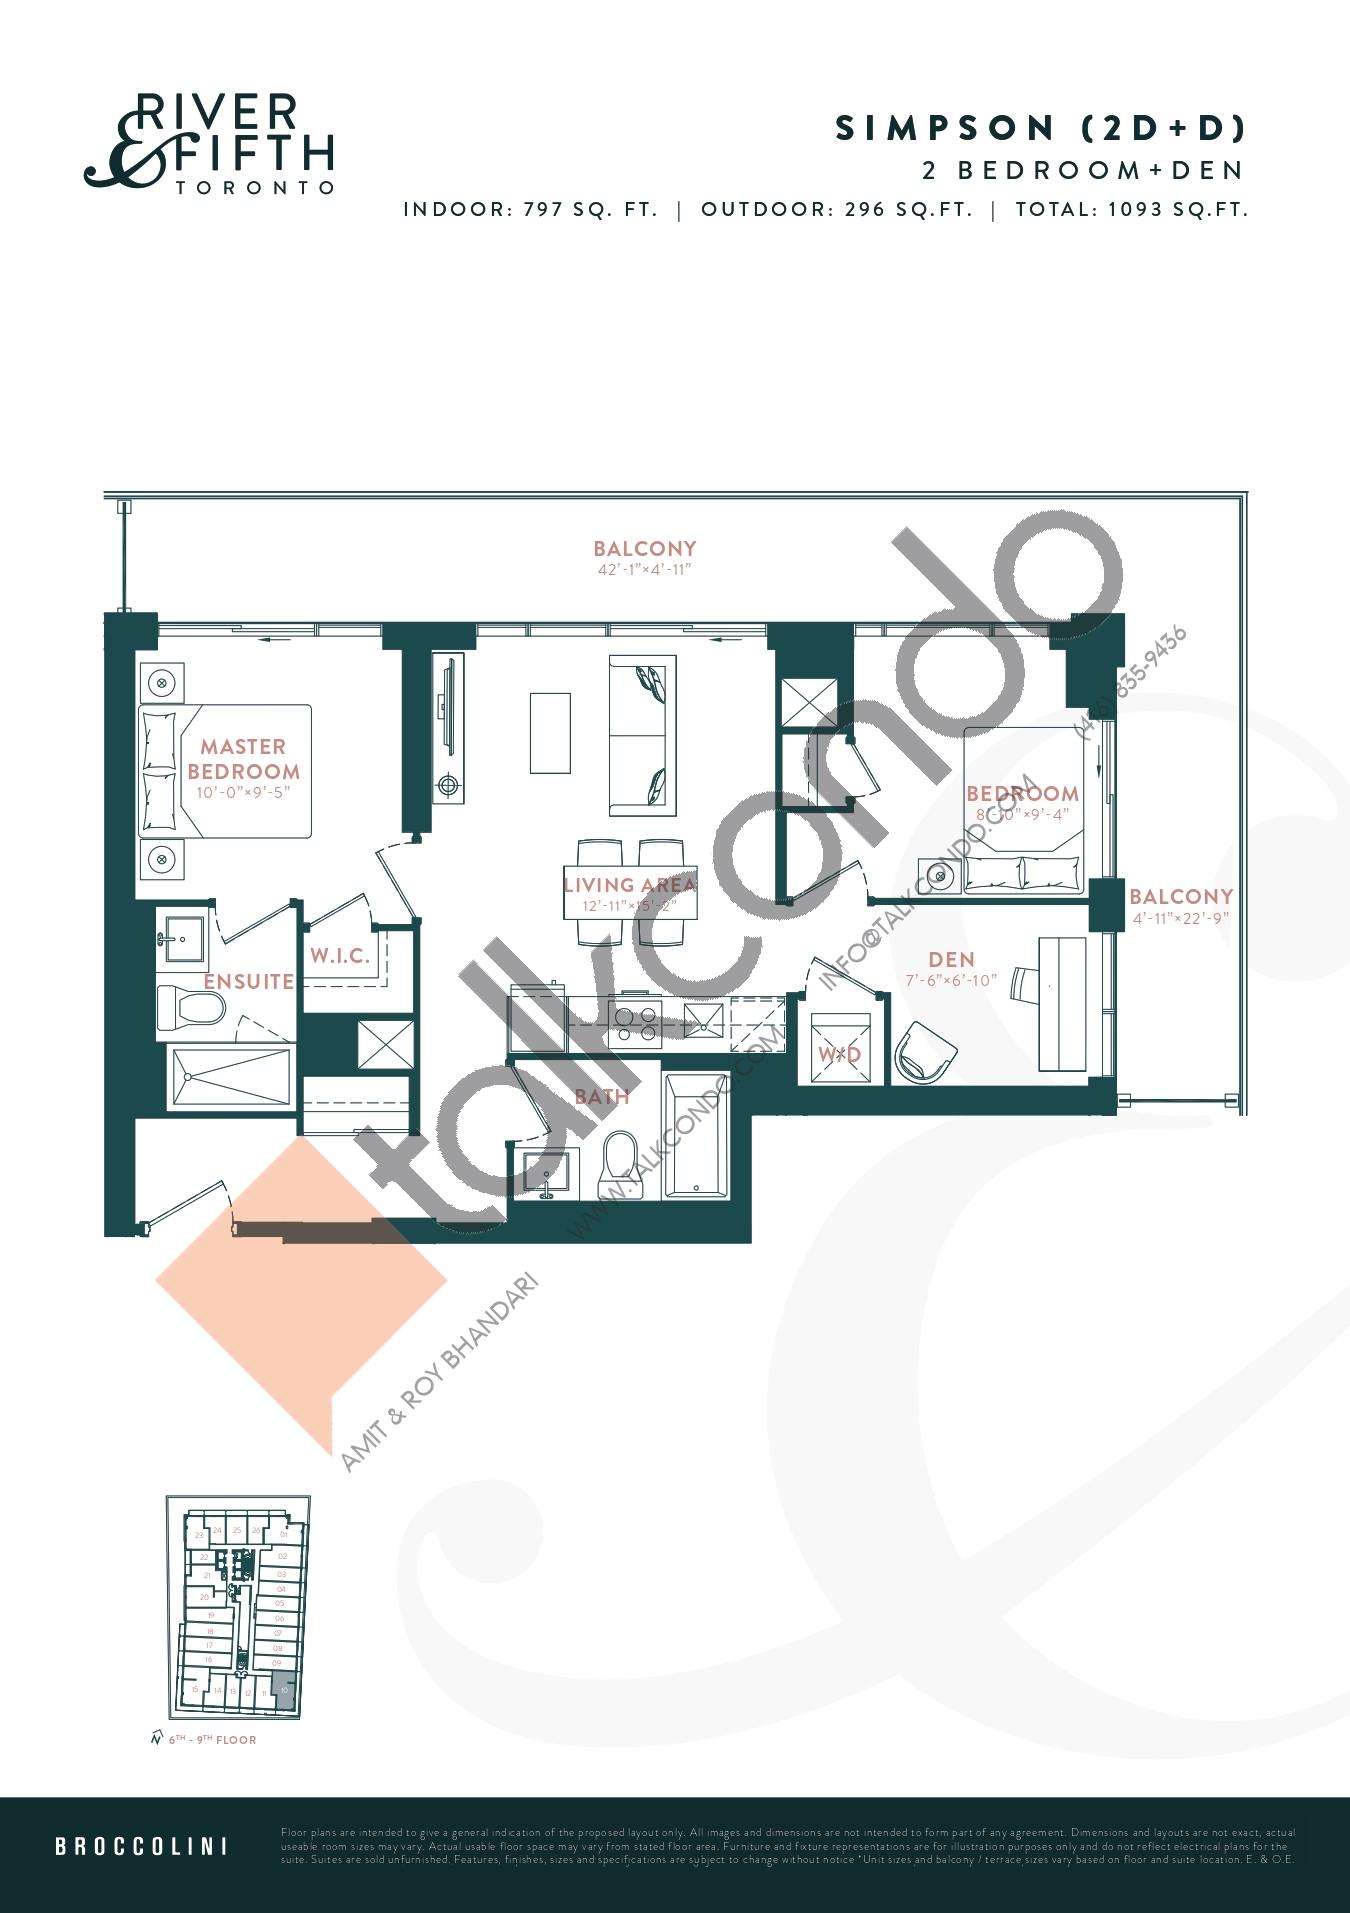 Simpson (2D+D) Floor Plan at River & Fifth Condos - 797 sq.ft